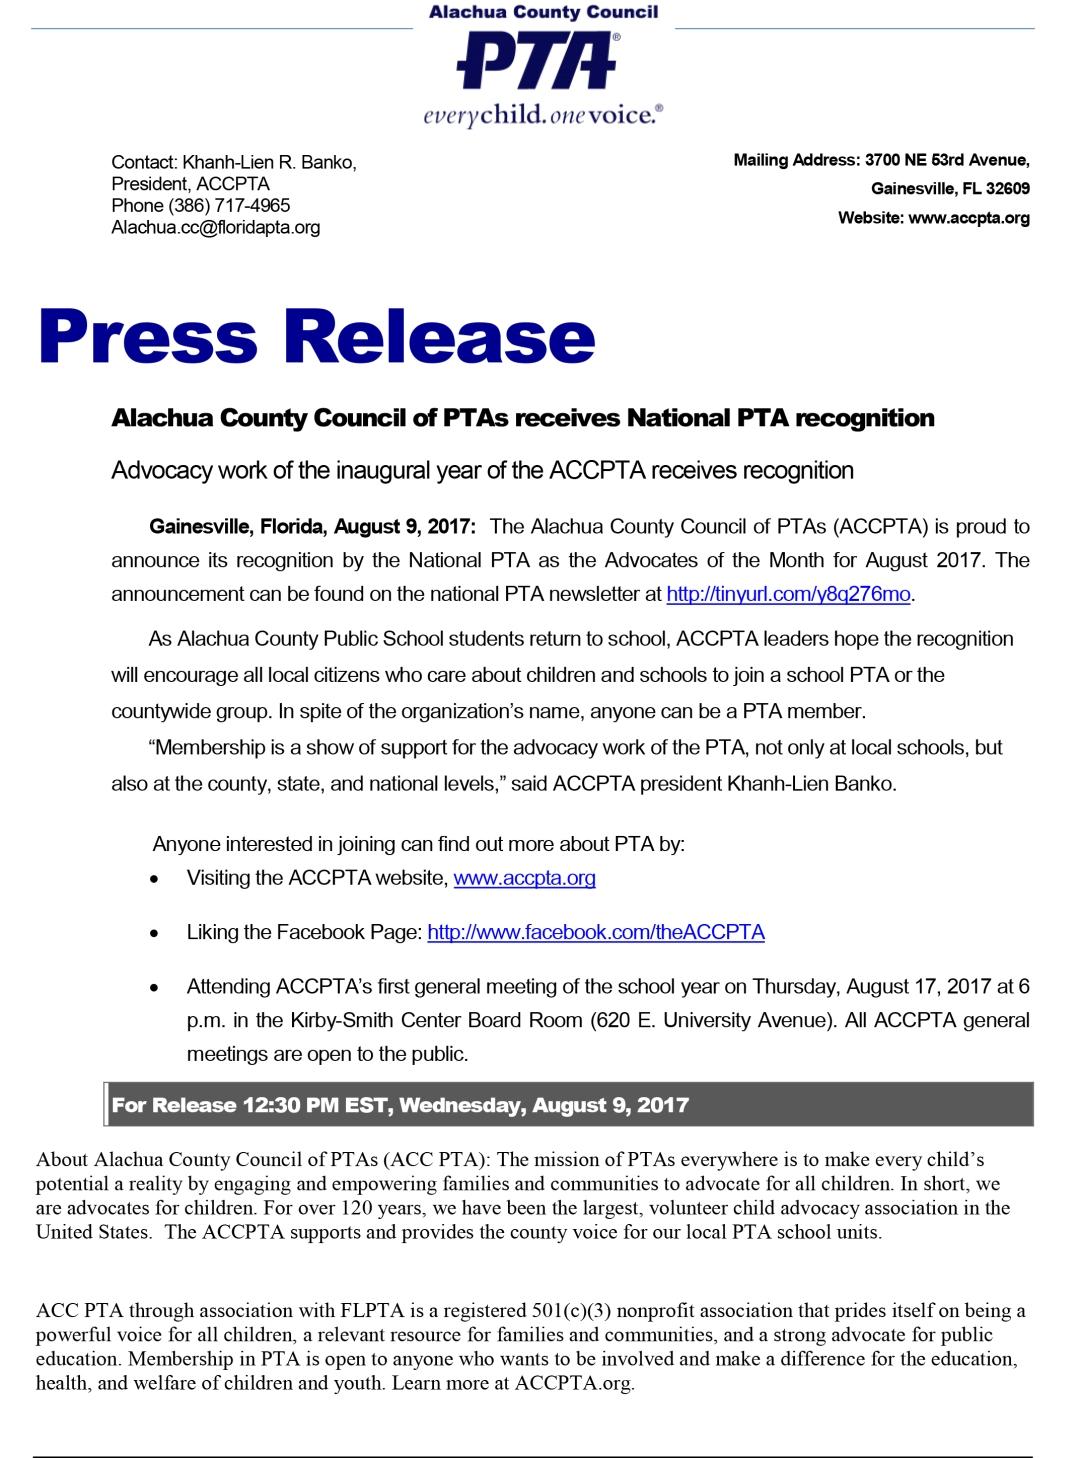 Press release (Professional design)